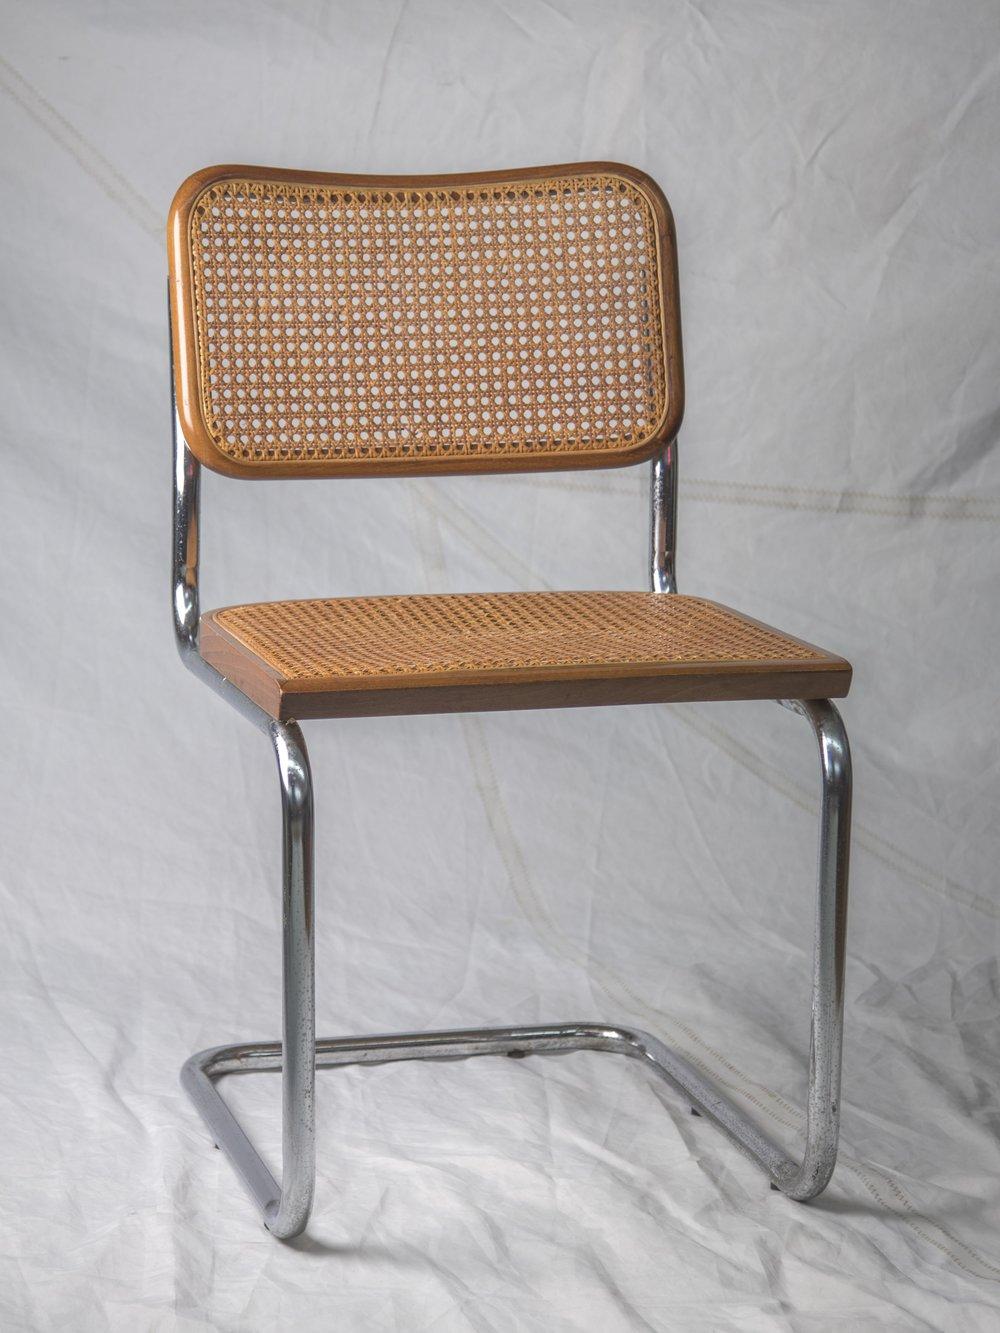 CH059, CH060 Marcel Breuer Cesca Chair  $125/week each, set of 2